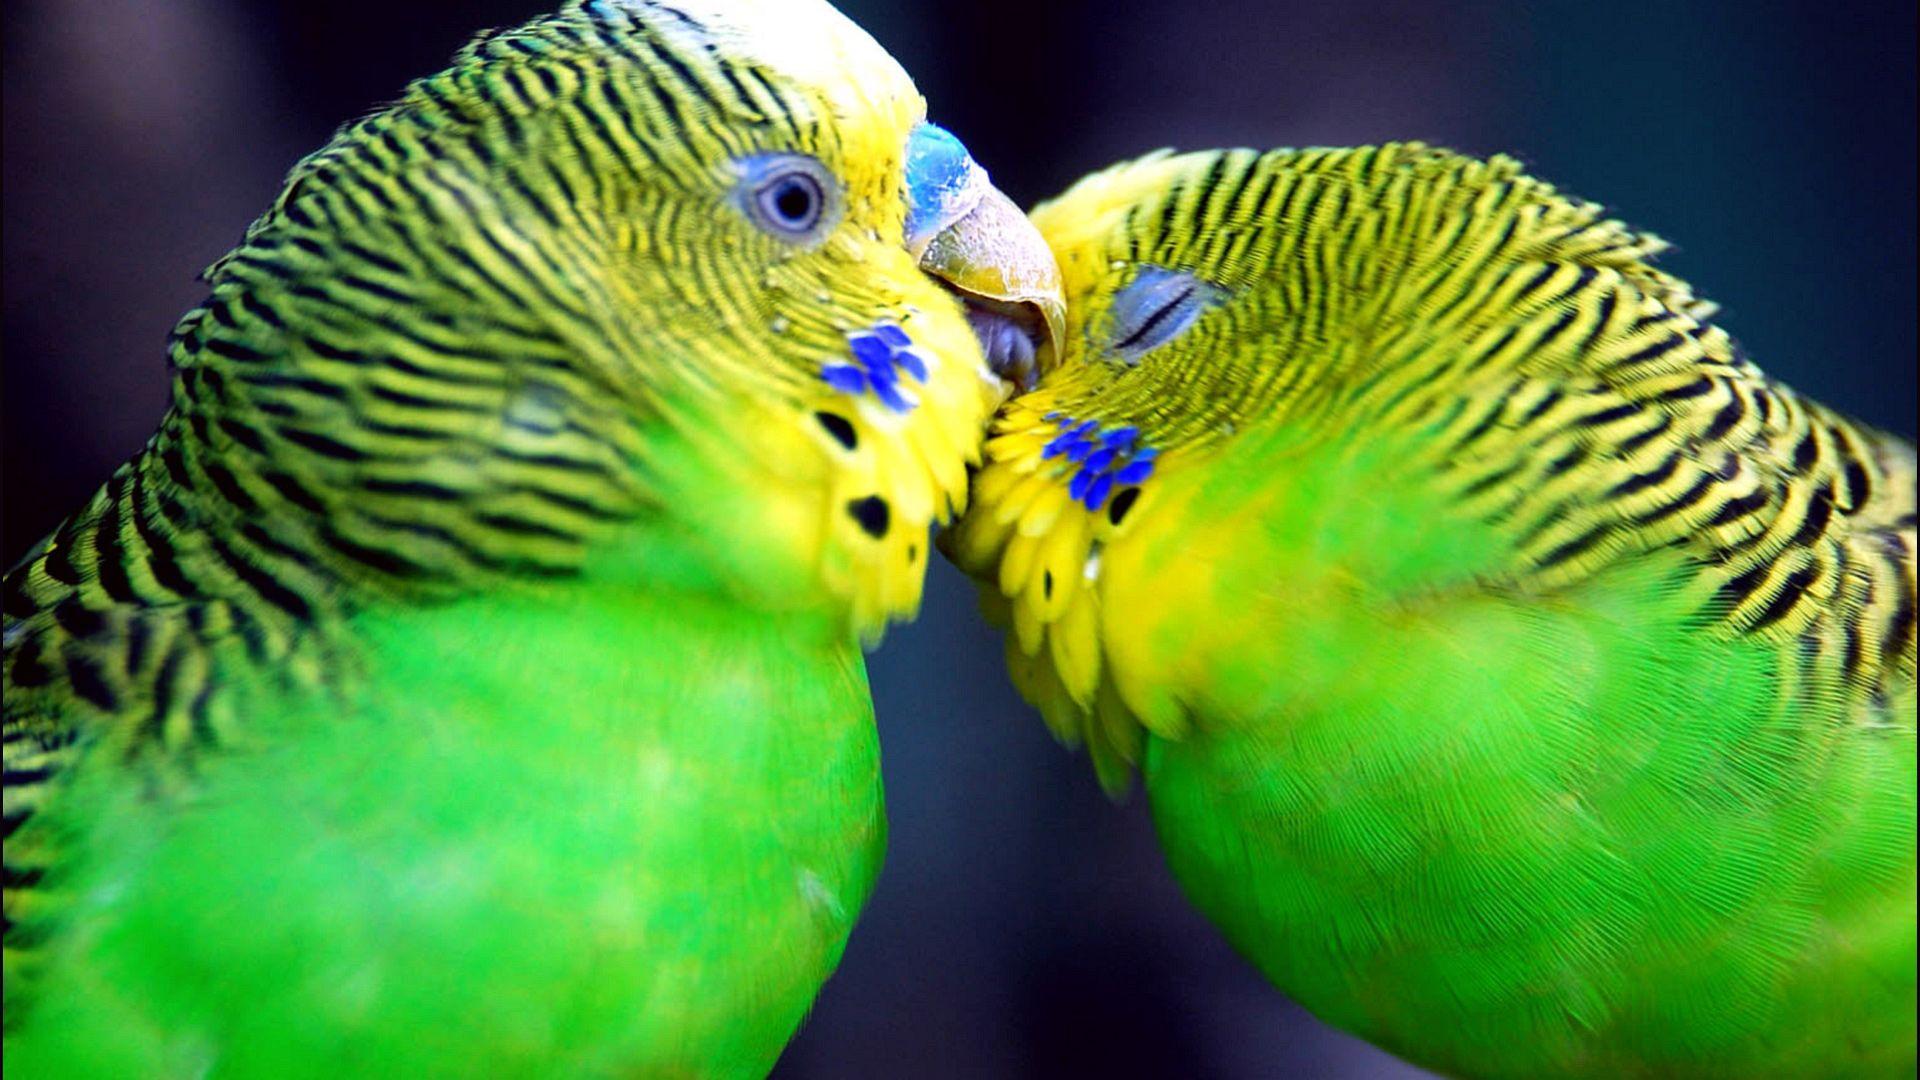 parrots love